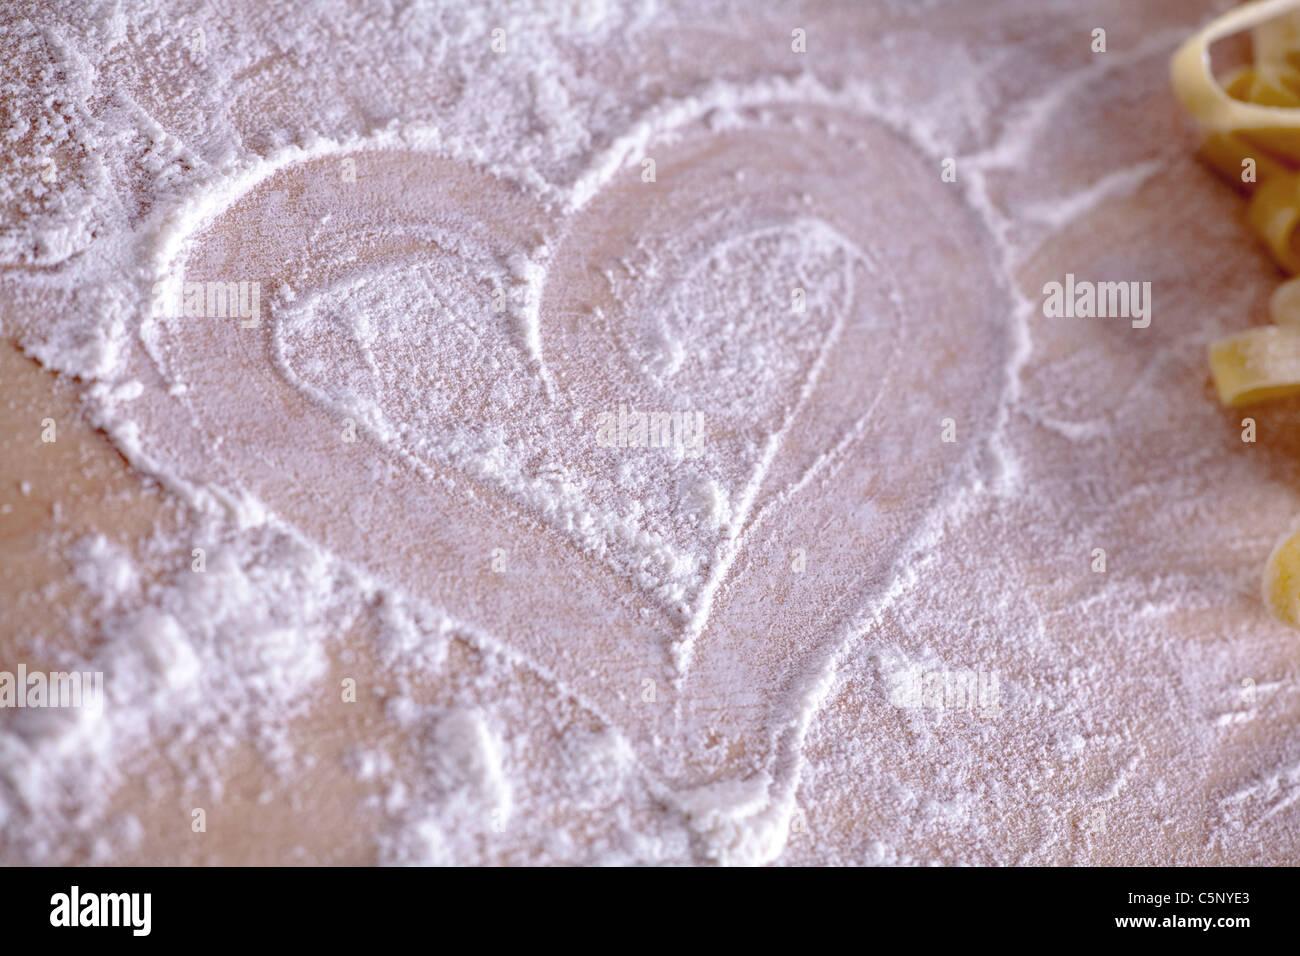 Coeur dessiné dans la farine sur fond de bois Photo Stock